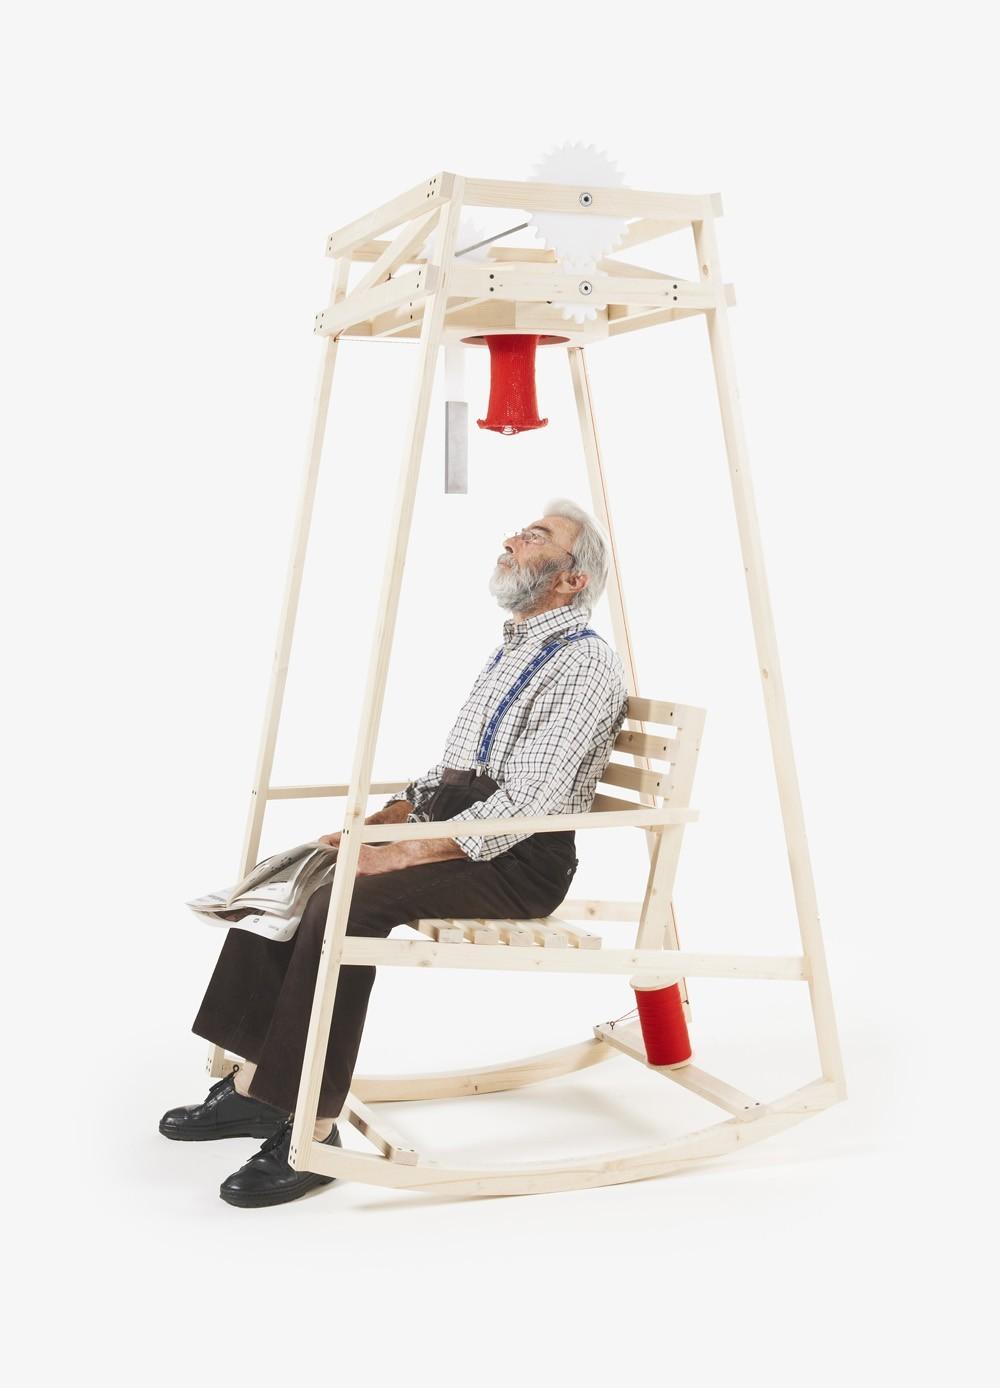 Кресло-качалка, которое свяжет вам шапку, пока вы читаете газету 1